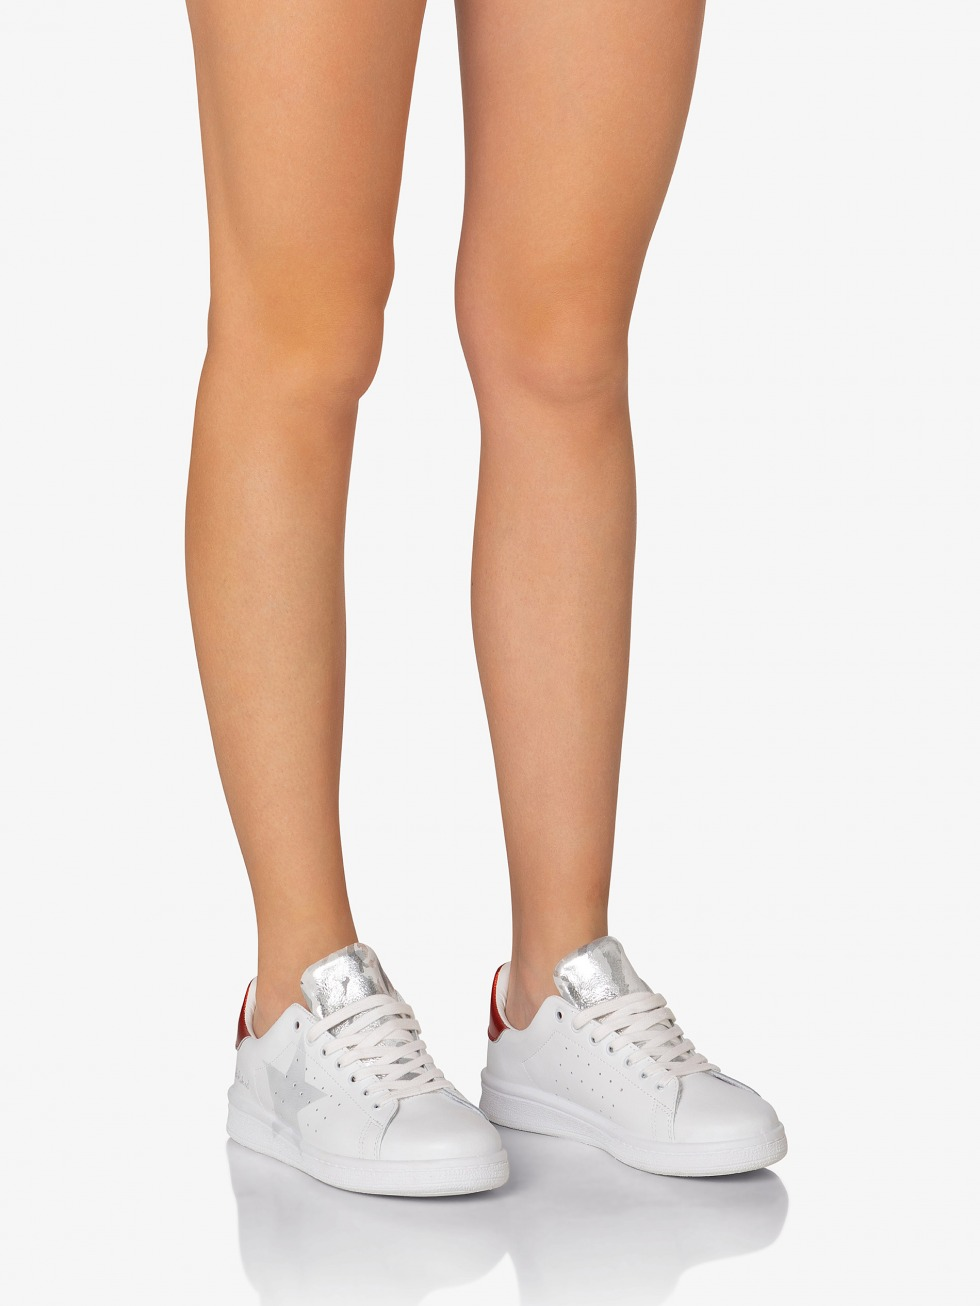 Sneakers Daiquiri Lipstick Ice - Cuore